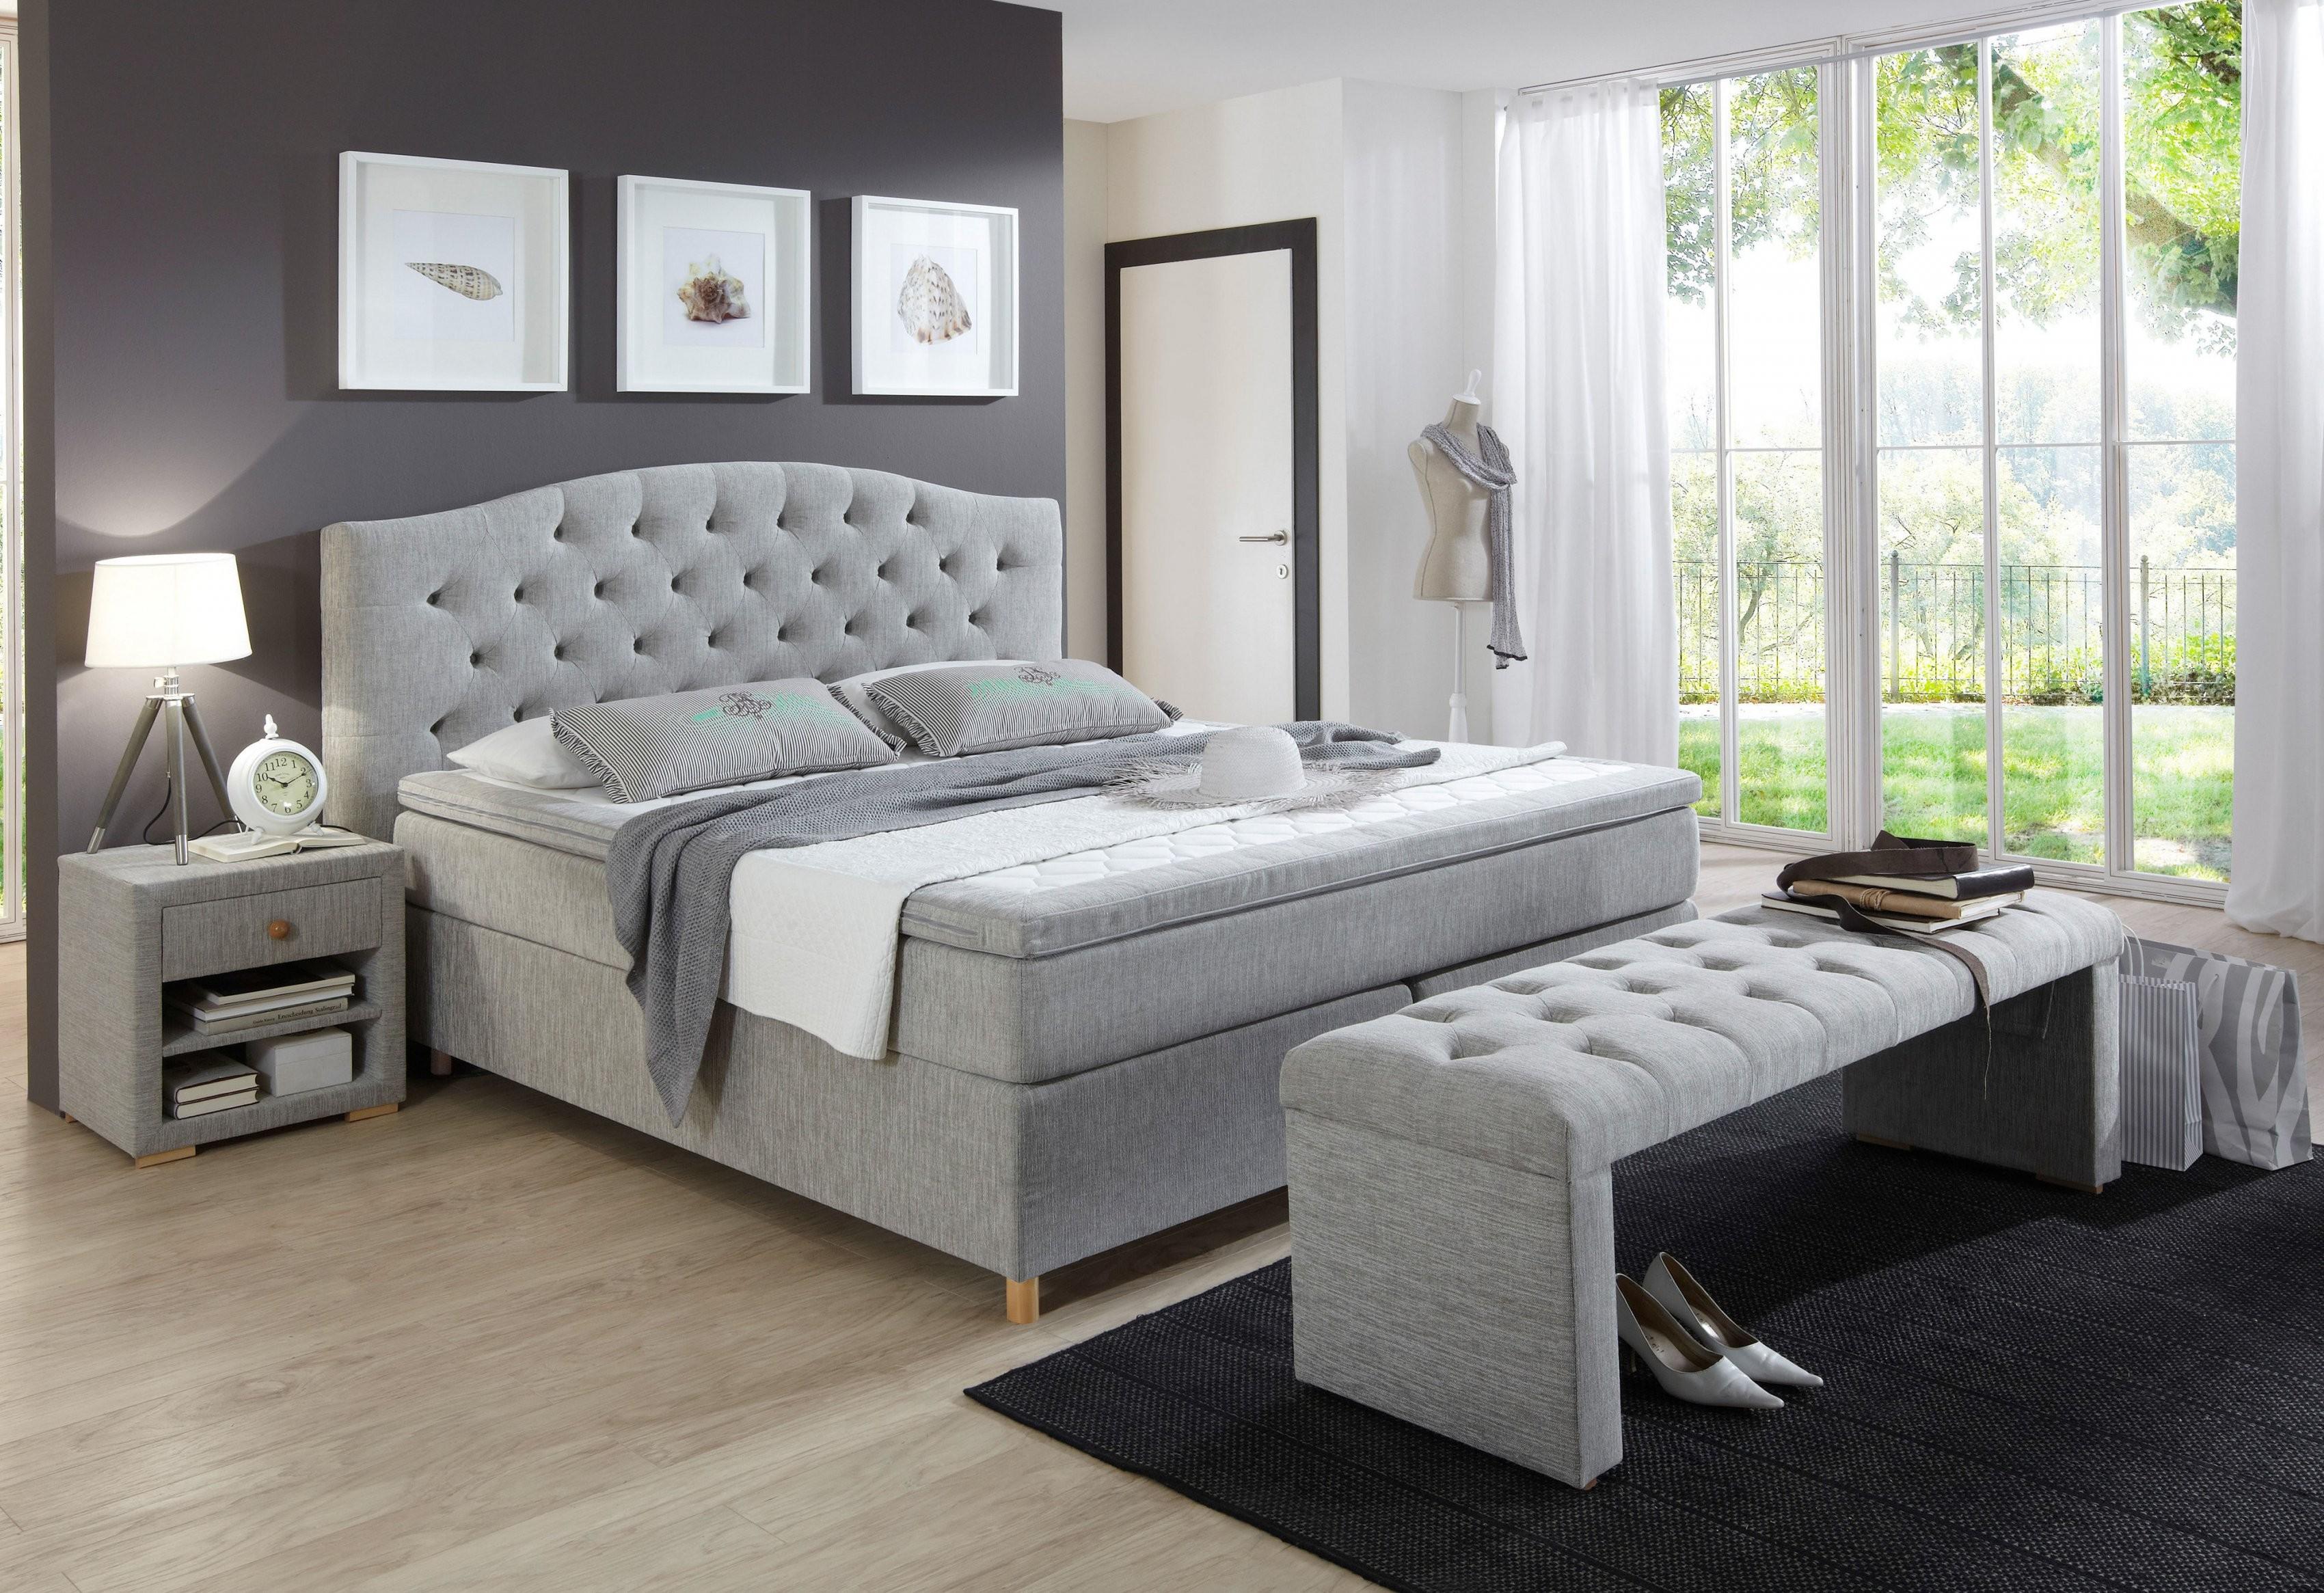 Boxspringbett Inkl Topper Home Affaire Claire Kaufen  Baur von Boxspring Bett Home Affaire Bild